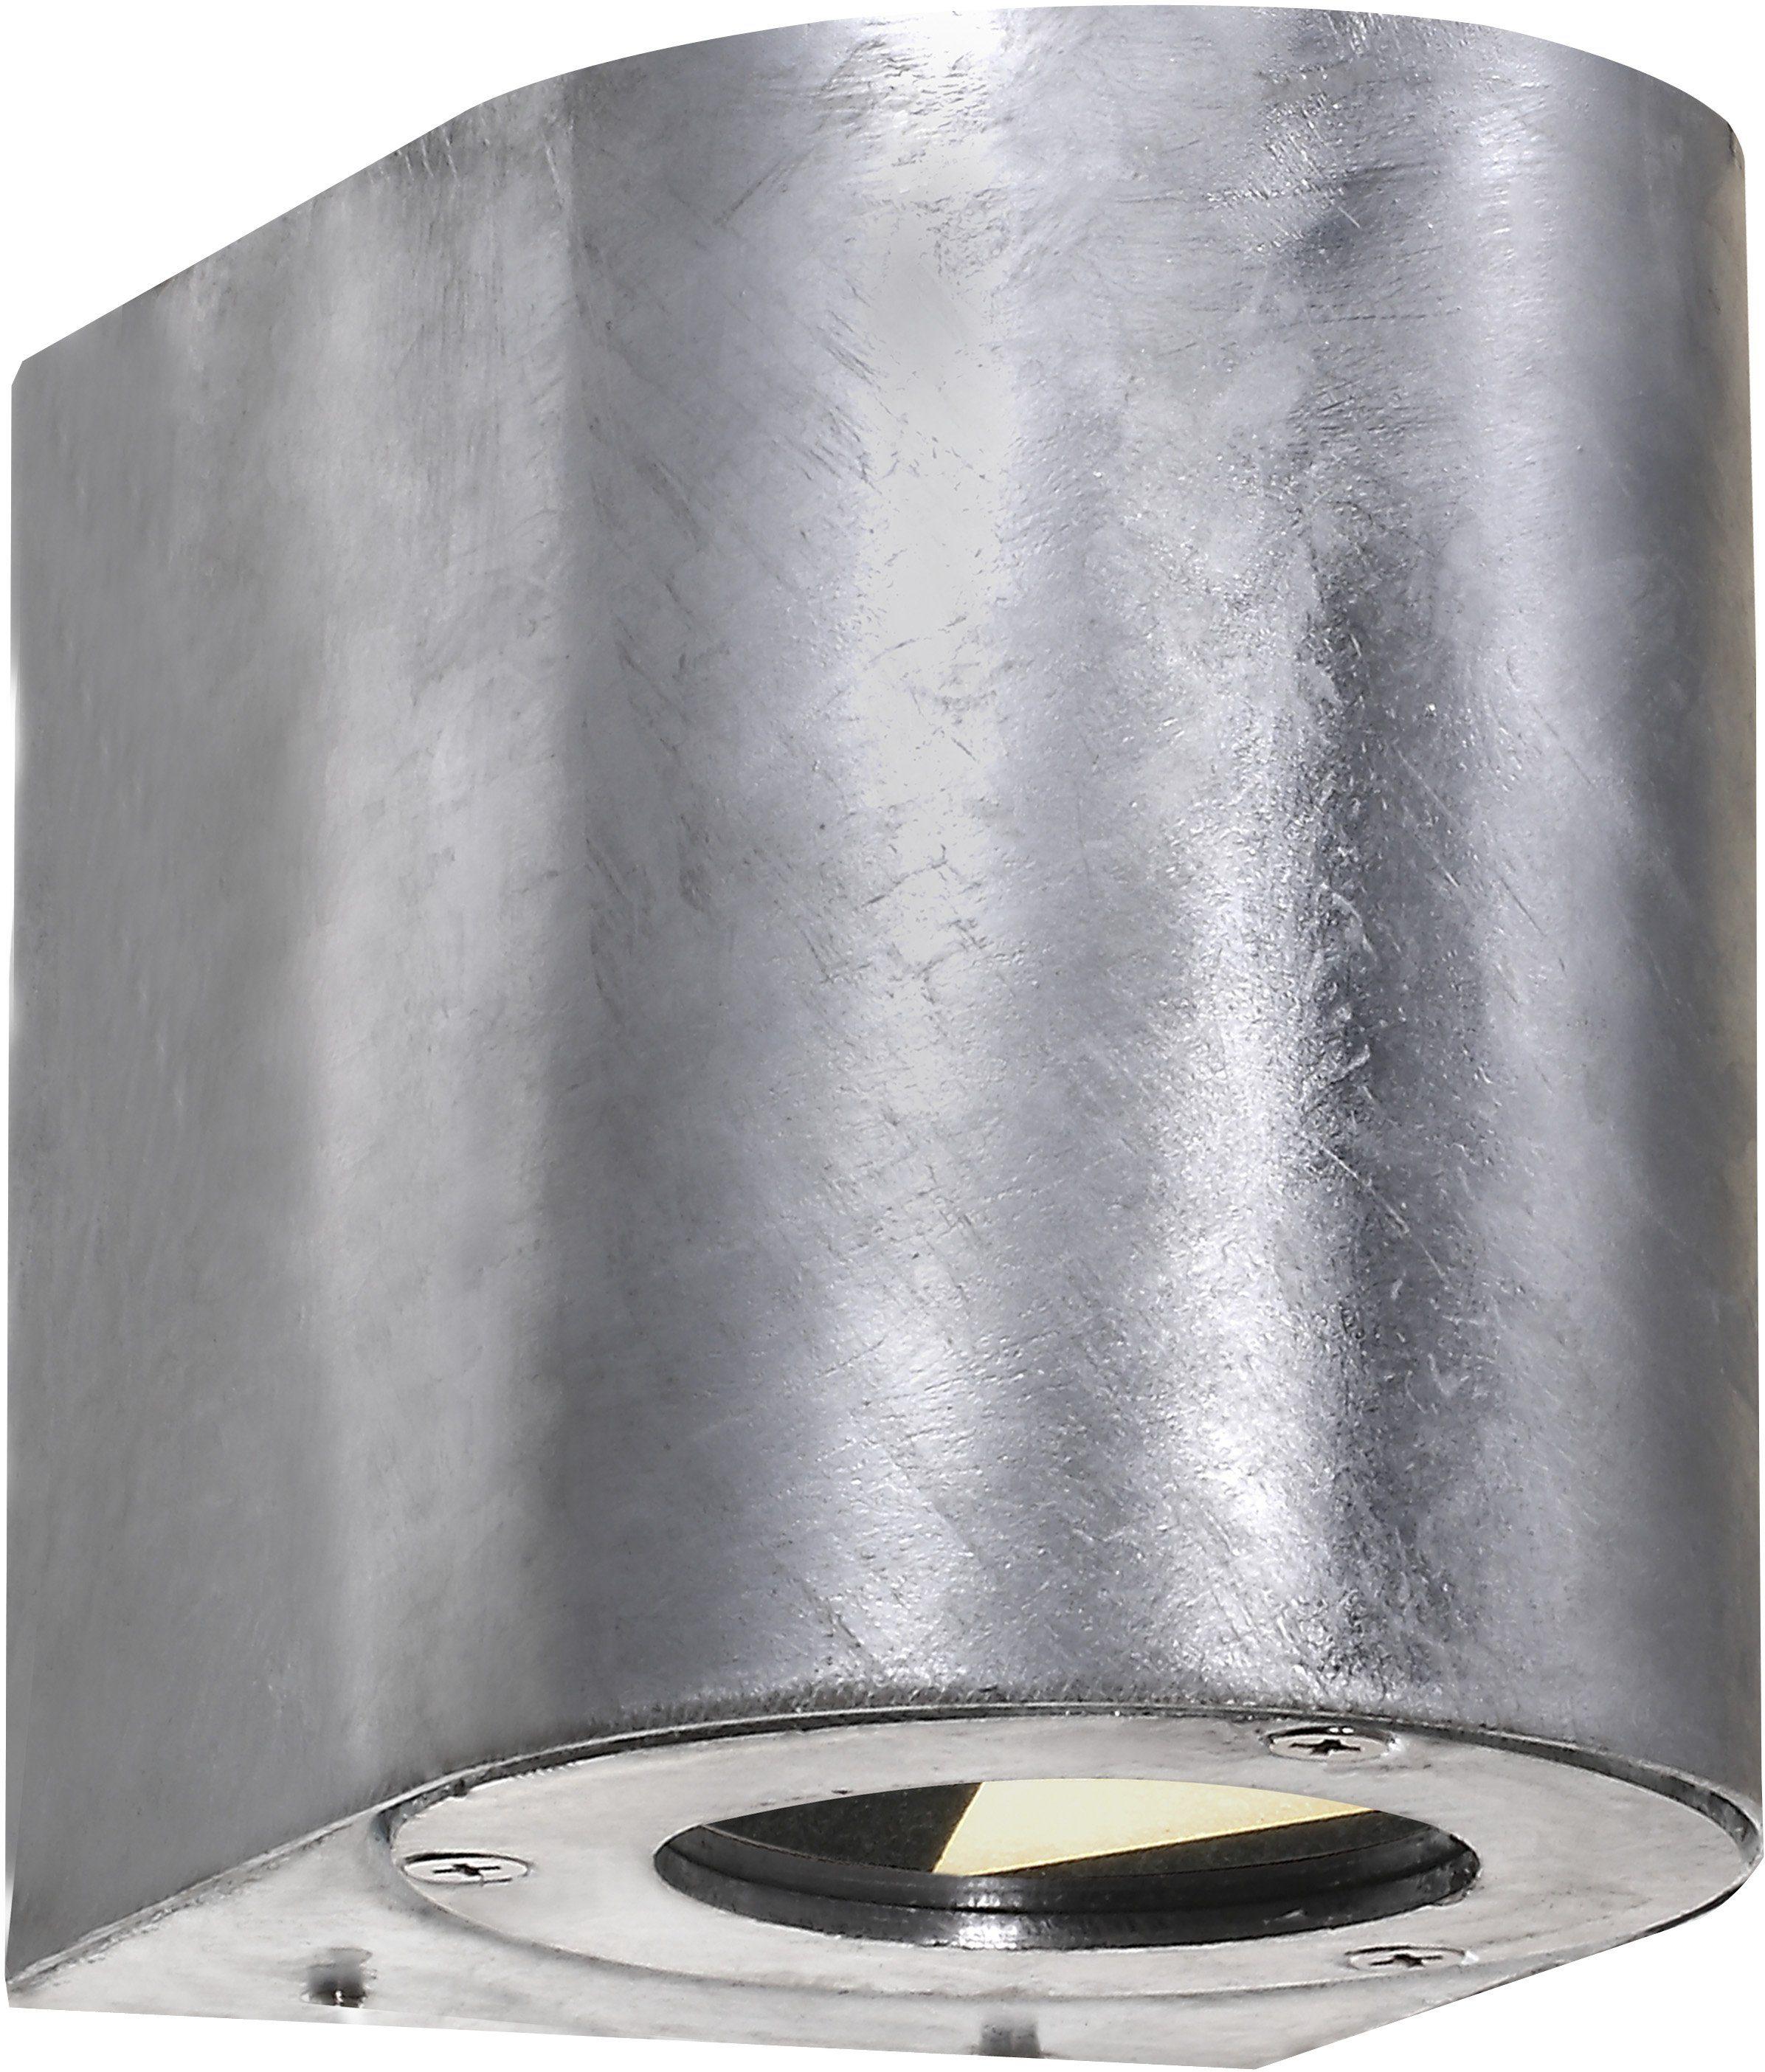 Nordlux LED Außenleuchte, 2 flg., Wandleuchte, »CANTO«